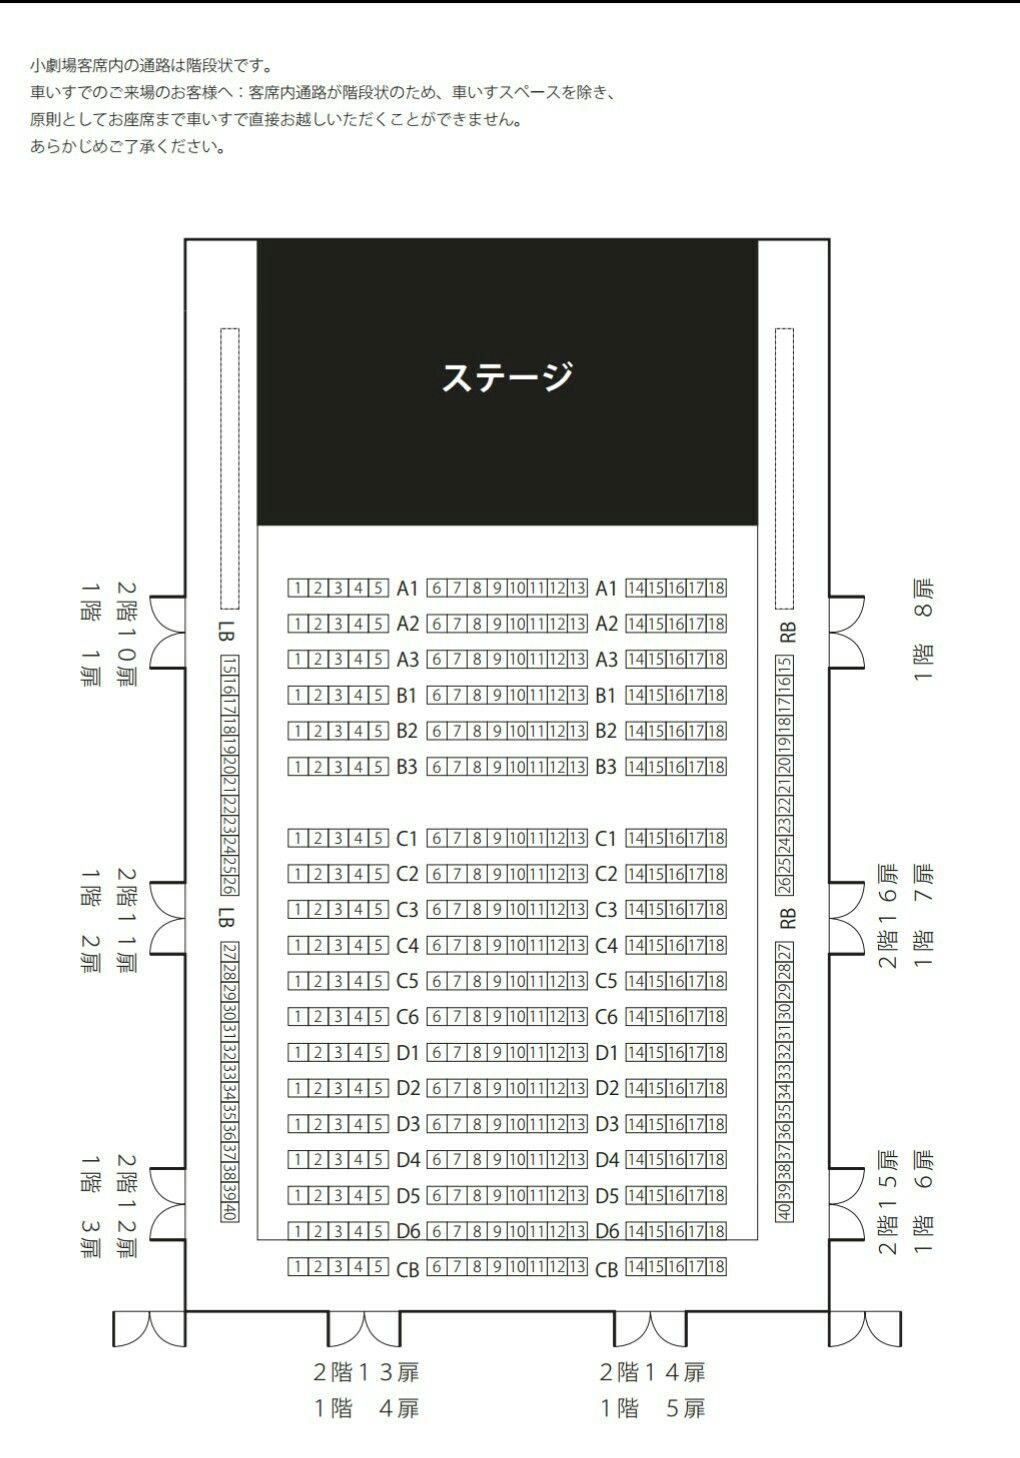 表 赤坂 act シアター 座席